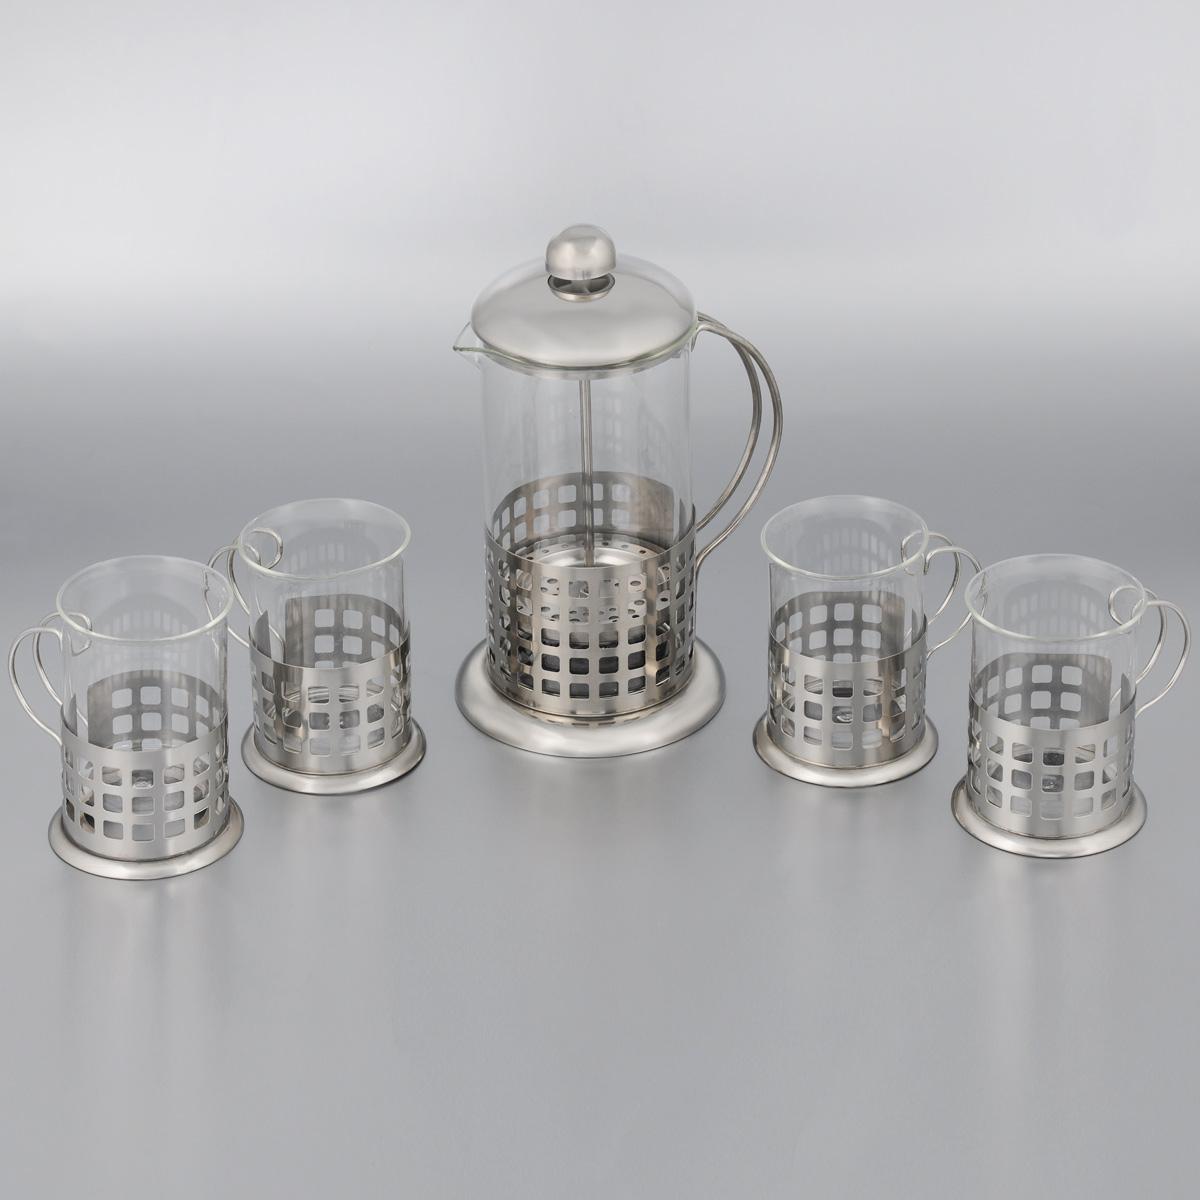 Набор кофейный Mayer & Boch, 5 предметов. 24924VT-1520(SR)Кофейный набор Mayer & Boch состоит из френч-пресса и 4 кружек. Предметы набора изготовлены из высокотехнологичных материалов на современном оборудовании. Корпус изделий выполнен из высококачественной нержавеющей стали, колба - из термостойкого стекла. Все предметы набора оснащены удобными ручками. Основания предметов декорированы перфорацией в виде квадратов. Френч-пресс прекрасно подходит для заваривания как чая, так и кофе. Фильтр-поршень из нержавеющей стали изготовлен по технологии press-up для обеспечения равномерной циркуляции воды, он также эффективно задерживает чайные листочки и частички зерен кофе. Внутренняя часть крышки отделана пищевым полипропиленом. Френч-пресс легок в использовании. Налейте кипяток, добавьте ложку чая/кофе, плотно закройте френч-пресс крышкой и поднимите поршень, дайте настояться 3-5 минут, медленно опустите поршень вниз, свежий и ароматный напиток готов. Френч-пресс позволит быстро и просто приготовить свежий и ароматный кофе или чай. А кружки всегда будут полезны и востребованы на вашей кухне. Практичный и стильный дизайн полностью соответствует последним модным тенденциям в создании предметов кухонной посуды. Правильно подобранный кофейный сервиз не только радует глаз, но и сохраняет тепло напитка в течение длительного времени. Такой набор станет чудесным подарком для ваших друзей и родных. Подходит для мытья в посудомоечной машине. Не используйте в микроволновой печи. Объем френч-пресса: 600 мл. Диаметр френч-пресса (по верхнему краю): 8,5 см. Диаметр основания френч-пресса: 11,5 см. Высота френч-пресса: 21,5 см. Объем кружки: 200 мл. Диаметр кружки (по верхнему краю): 6,5 см. Диаметр основания кружки: 7,5 см. Высота кружки: 9,5 см.